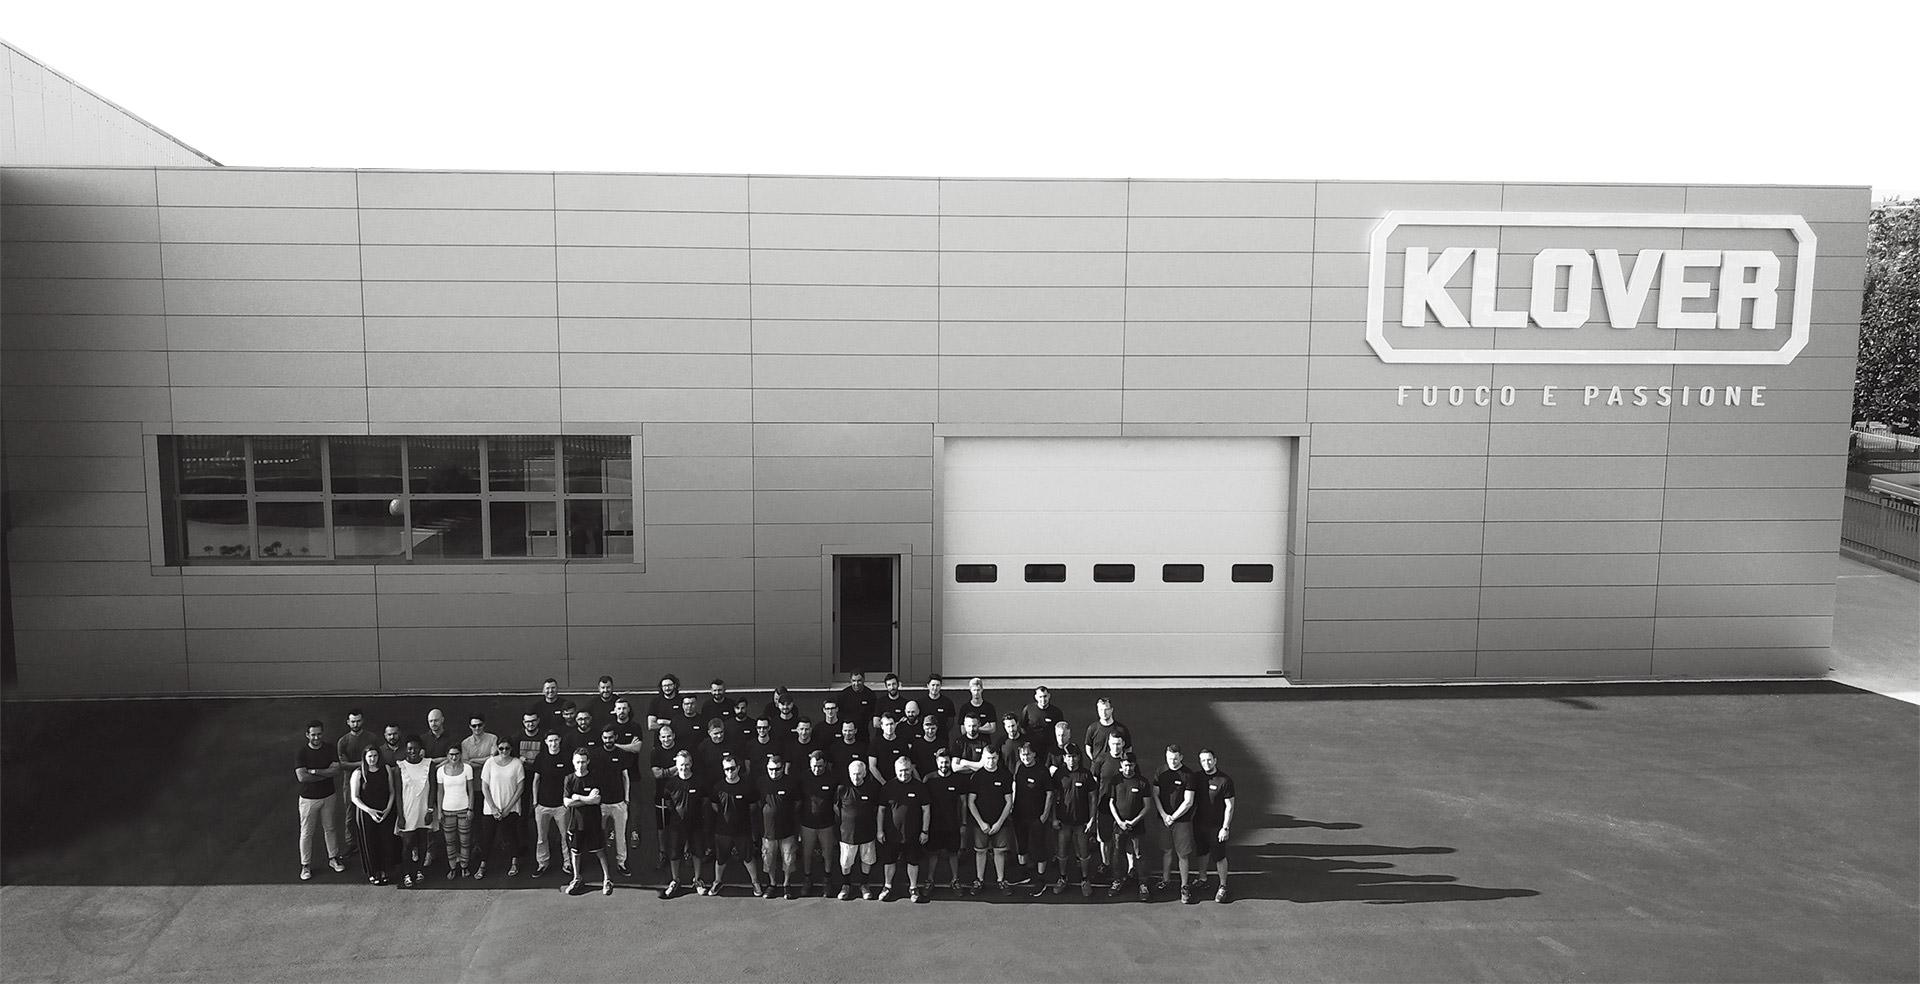 <h1>Klover <span>Storia di un'azienda italiana</span></h1> - Klover